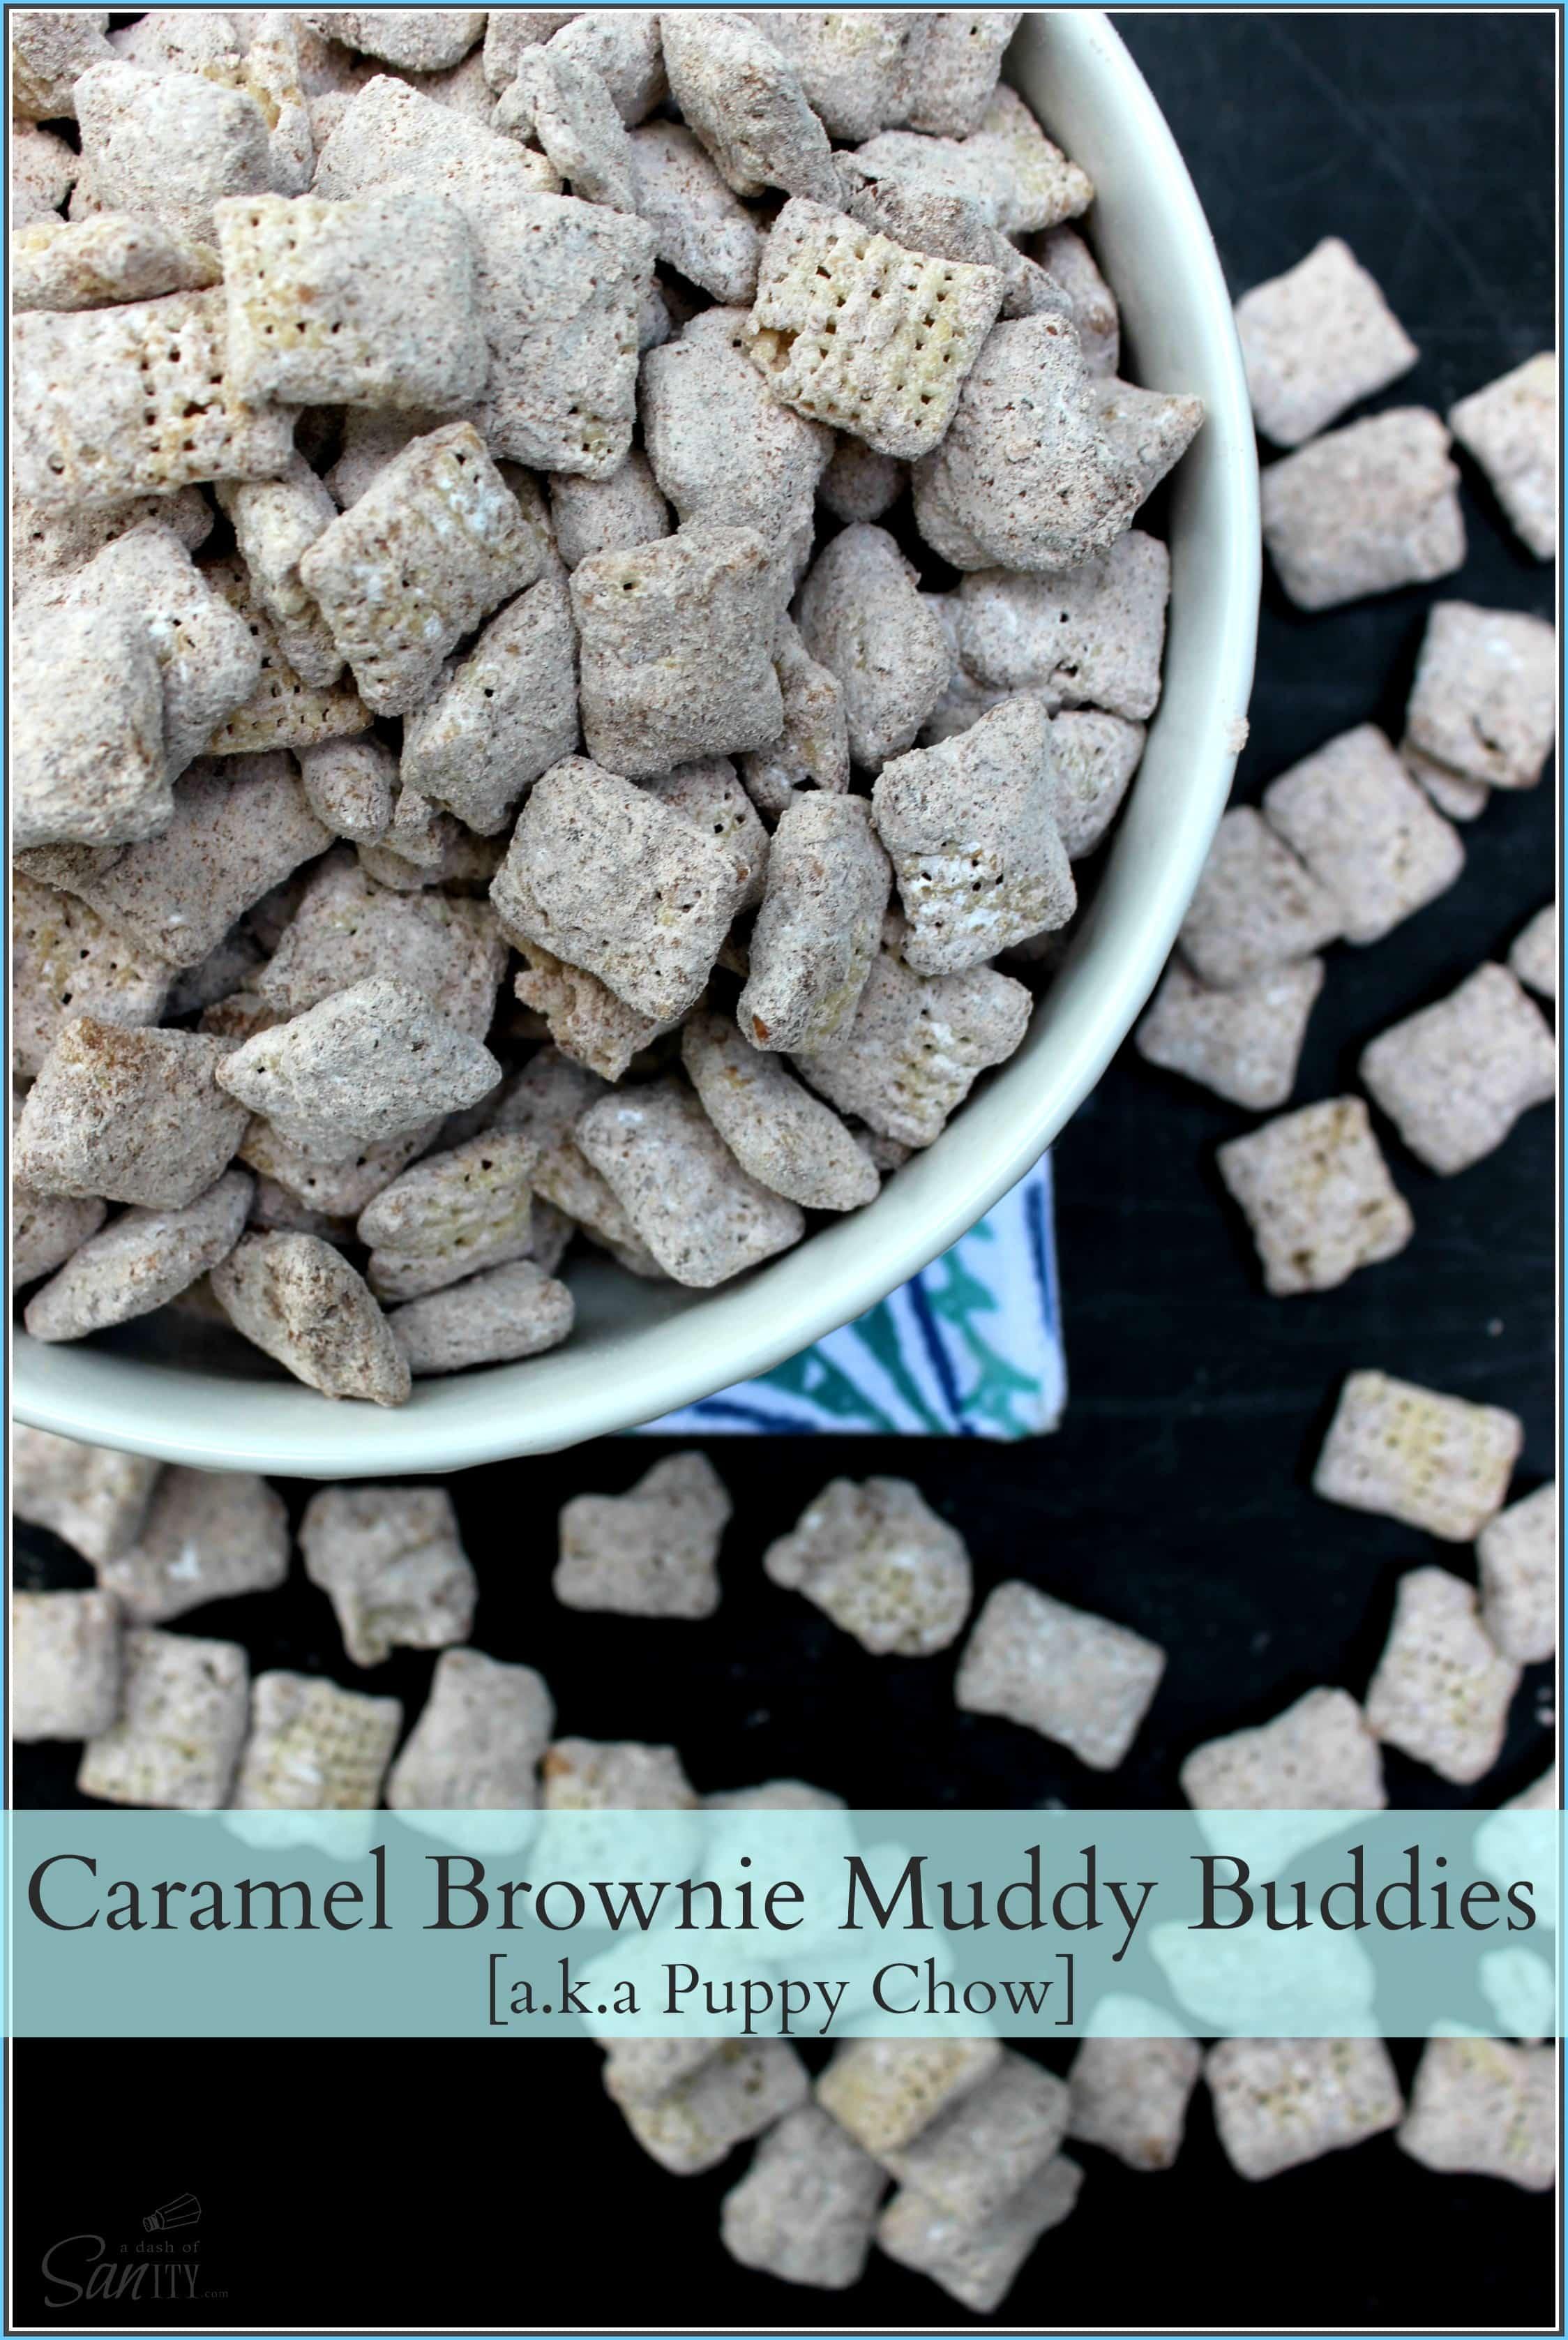 Caramel Brownie Muddy Buddies